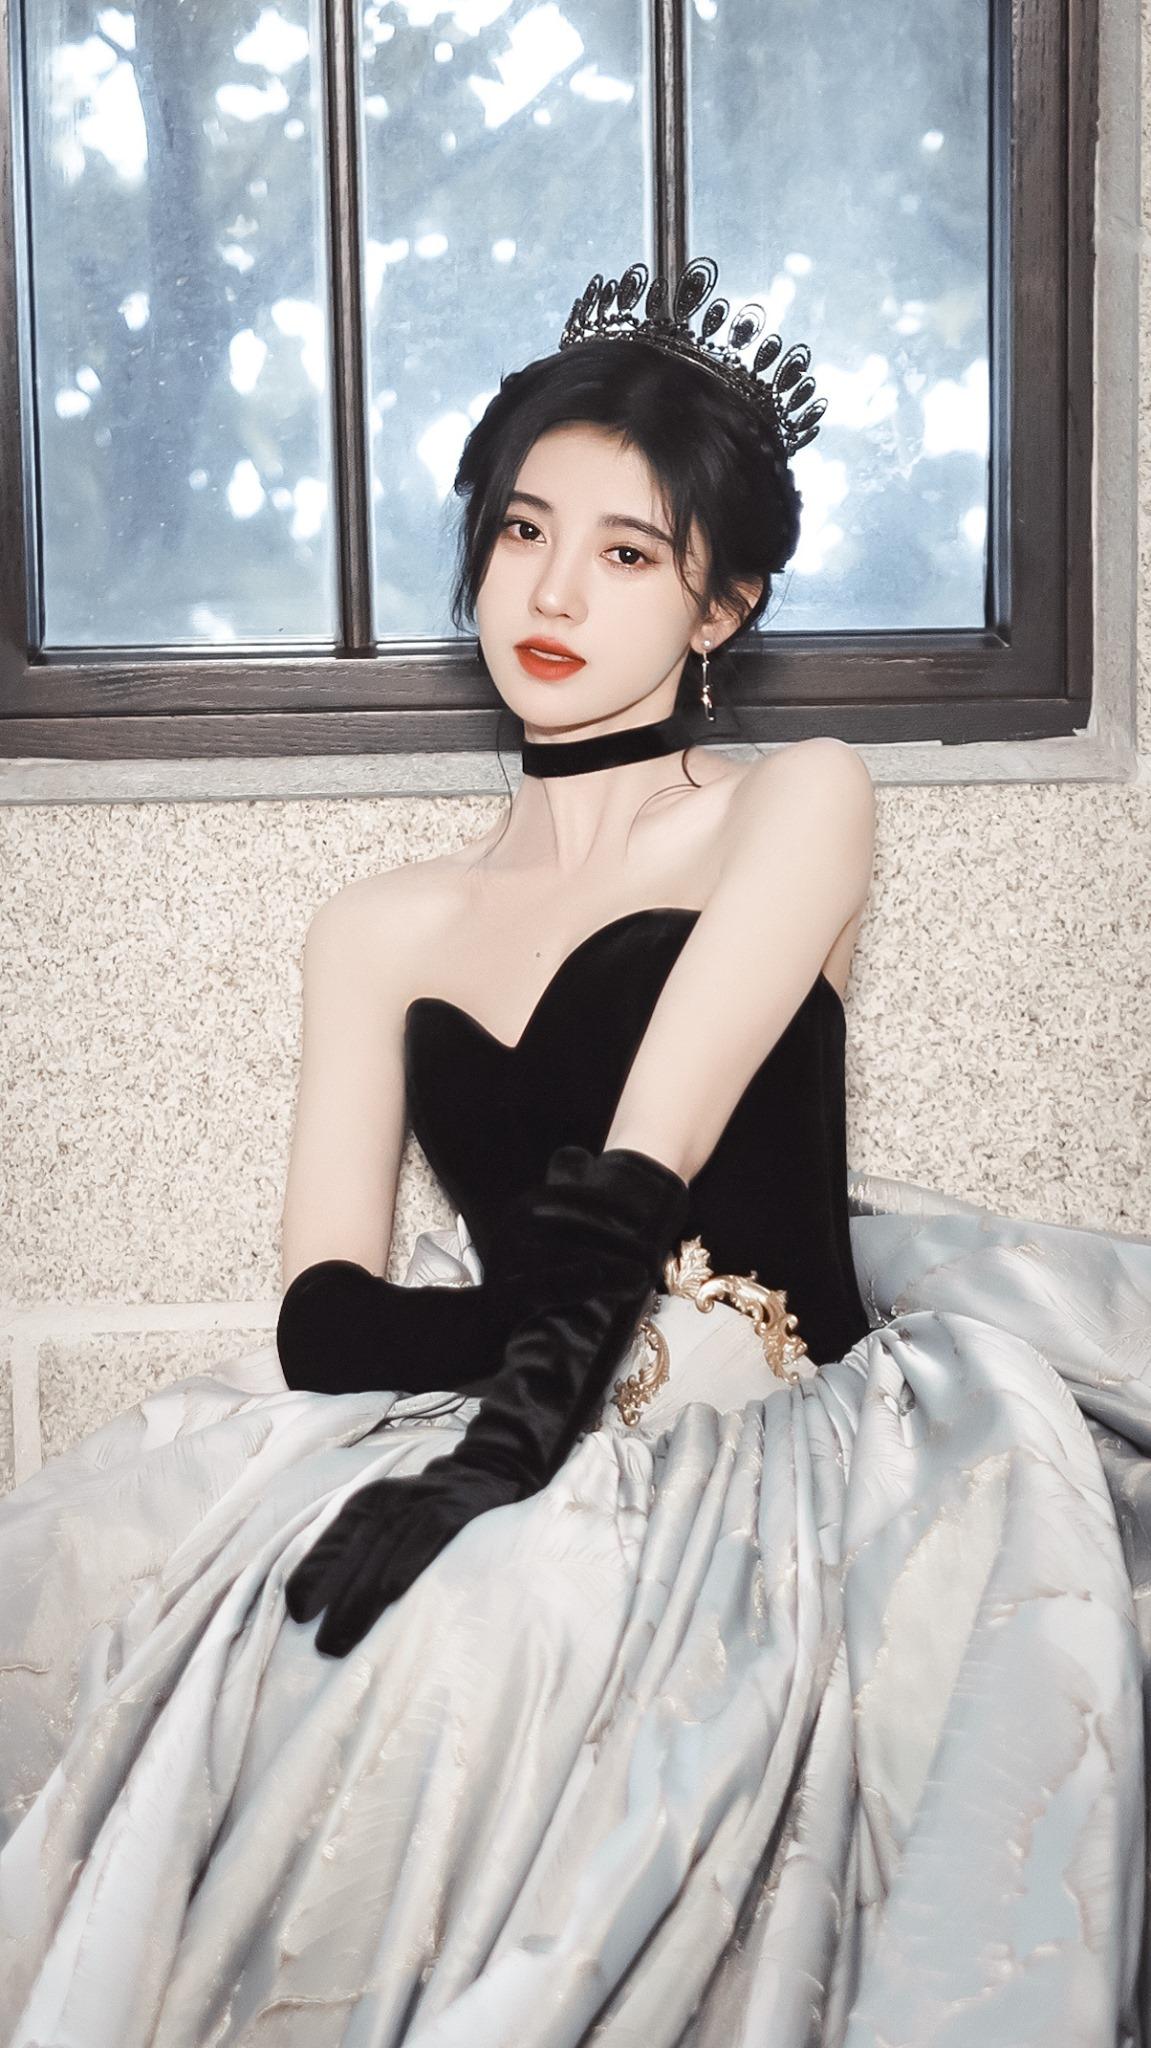 Dương Mịch, Nhiệt Ba, Diệc Phi, Lệ Dĩnh... đội vương miện so kè nhan sắc, ai là nữ hoàng trong trái tim bạn? 12